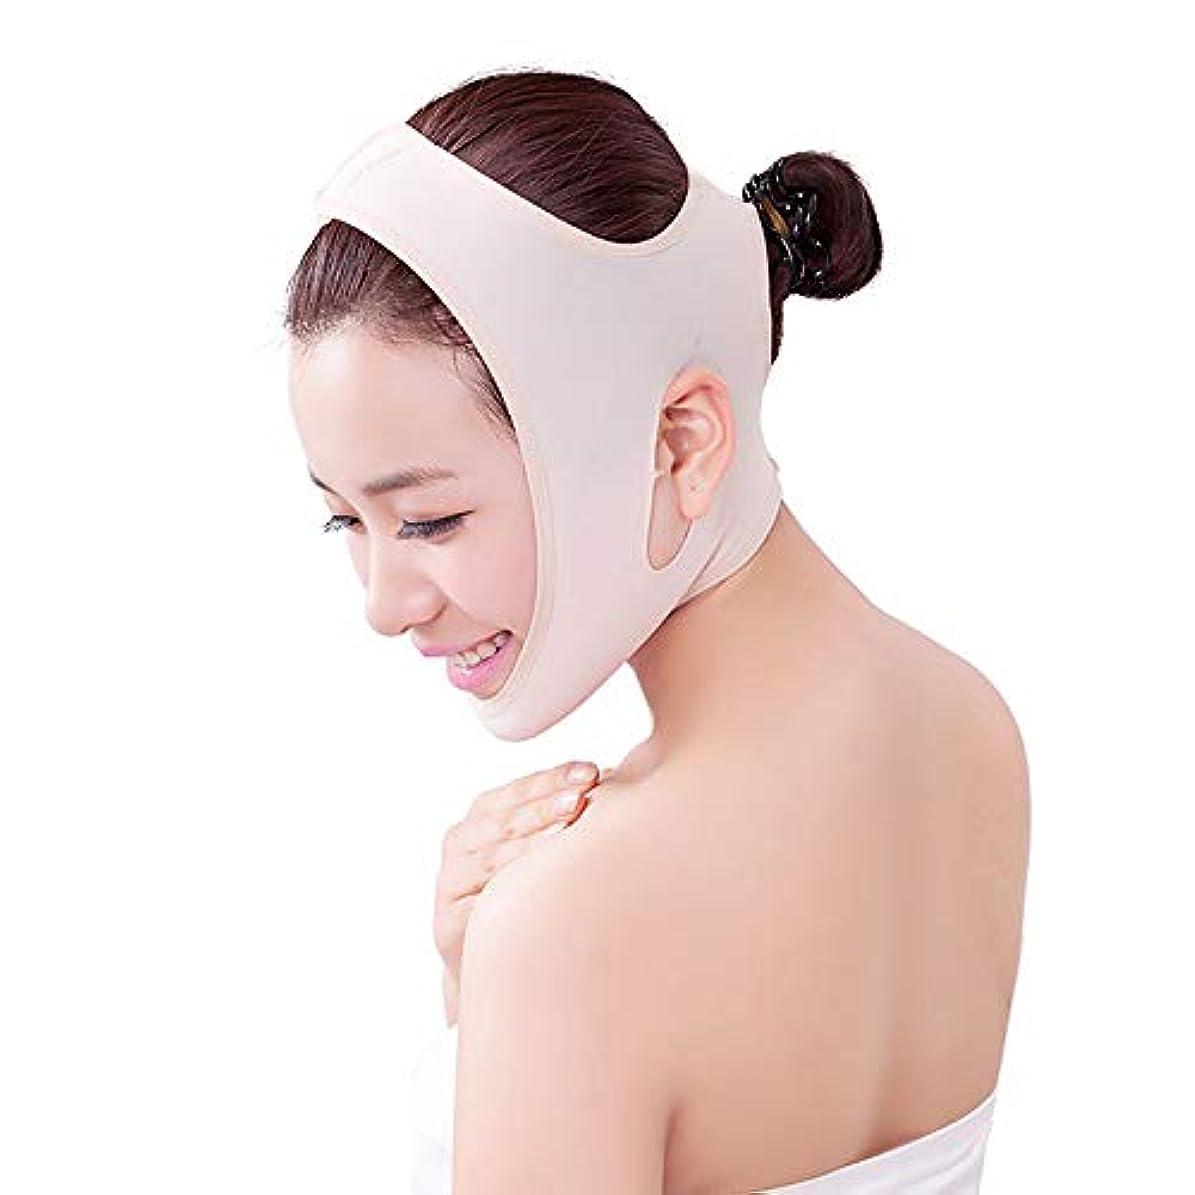 いろいろ統計的協力GYZ 顔の持ち上がる痩身ベルト - アンチエイジングリンクルフェイスマスクベルトあなたの顔のためのすばらしい試し二重あごの試し Thin Face Belt (Size : L)